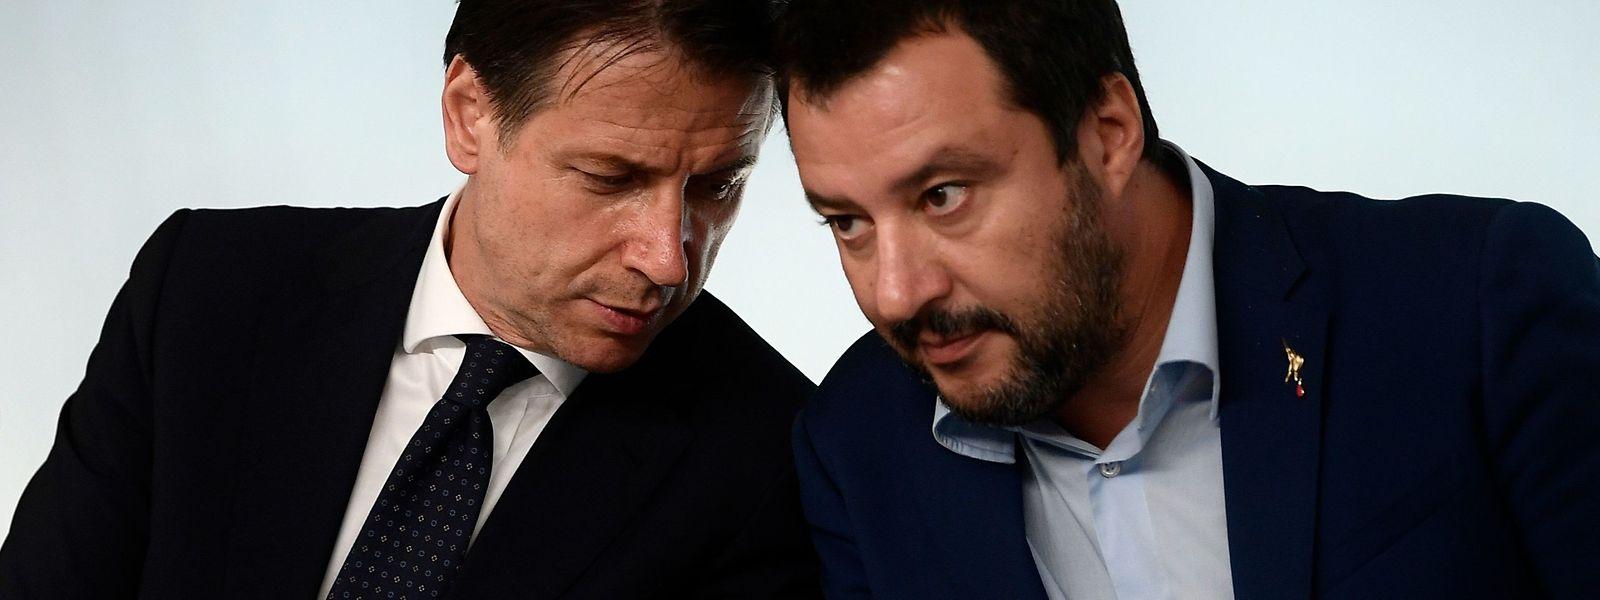 Matteo Salvini und Giuseppe Conte (l.): Die ungleichen Koalitionspartner sind sich bei vielen Themen nicht einig.